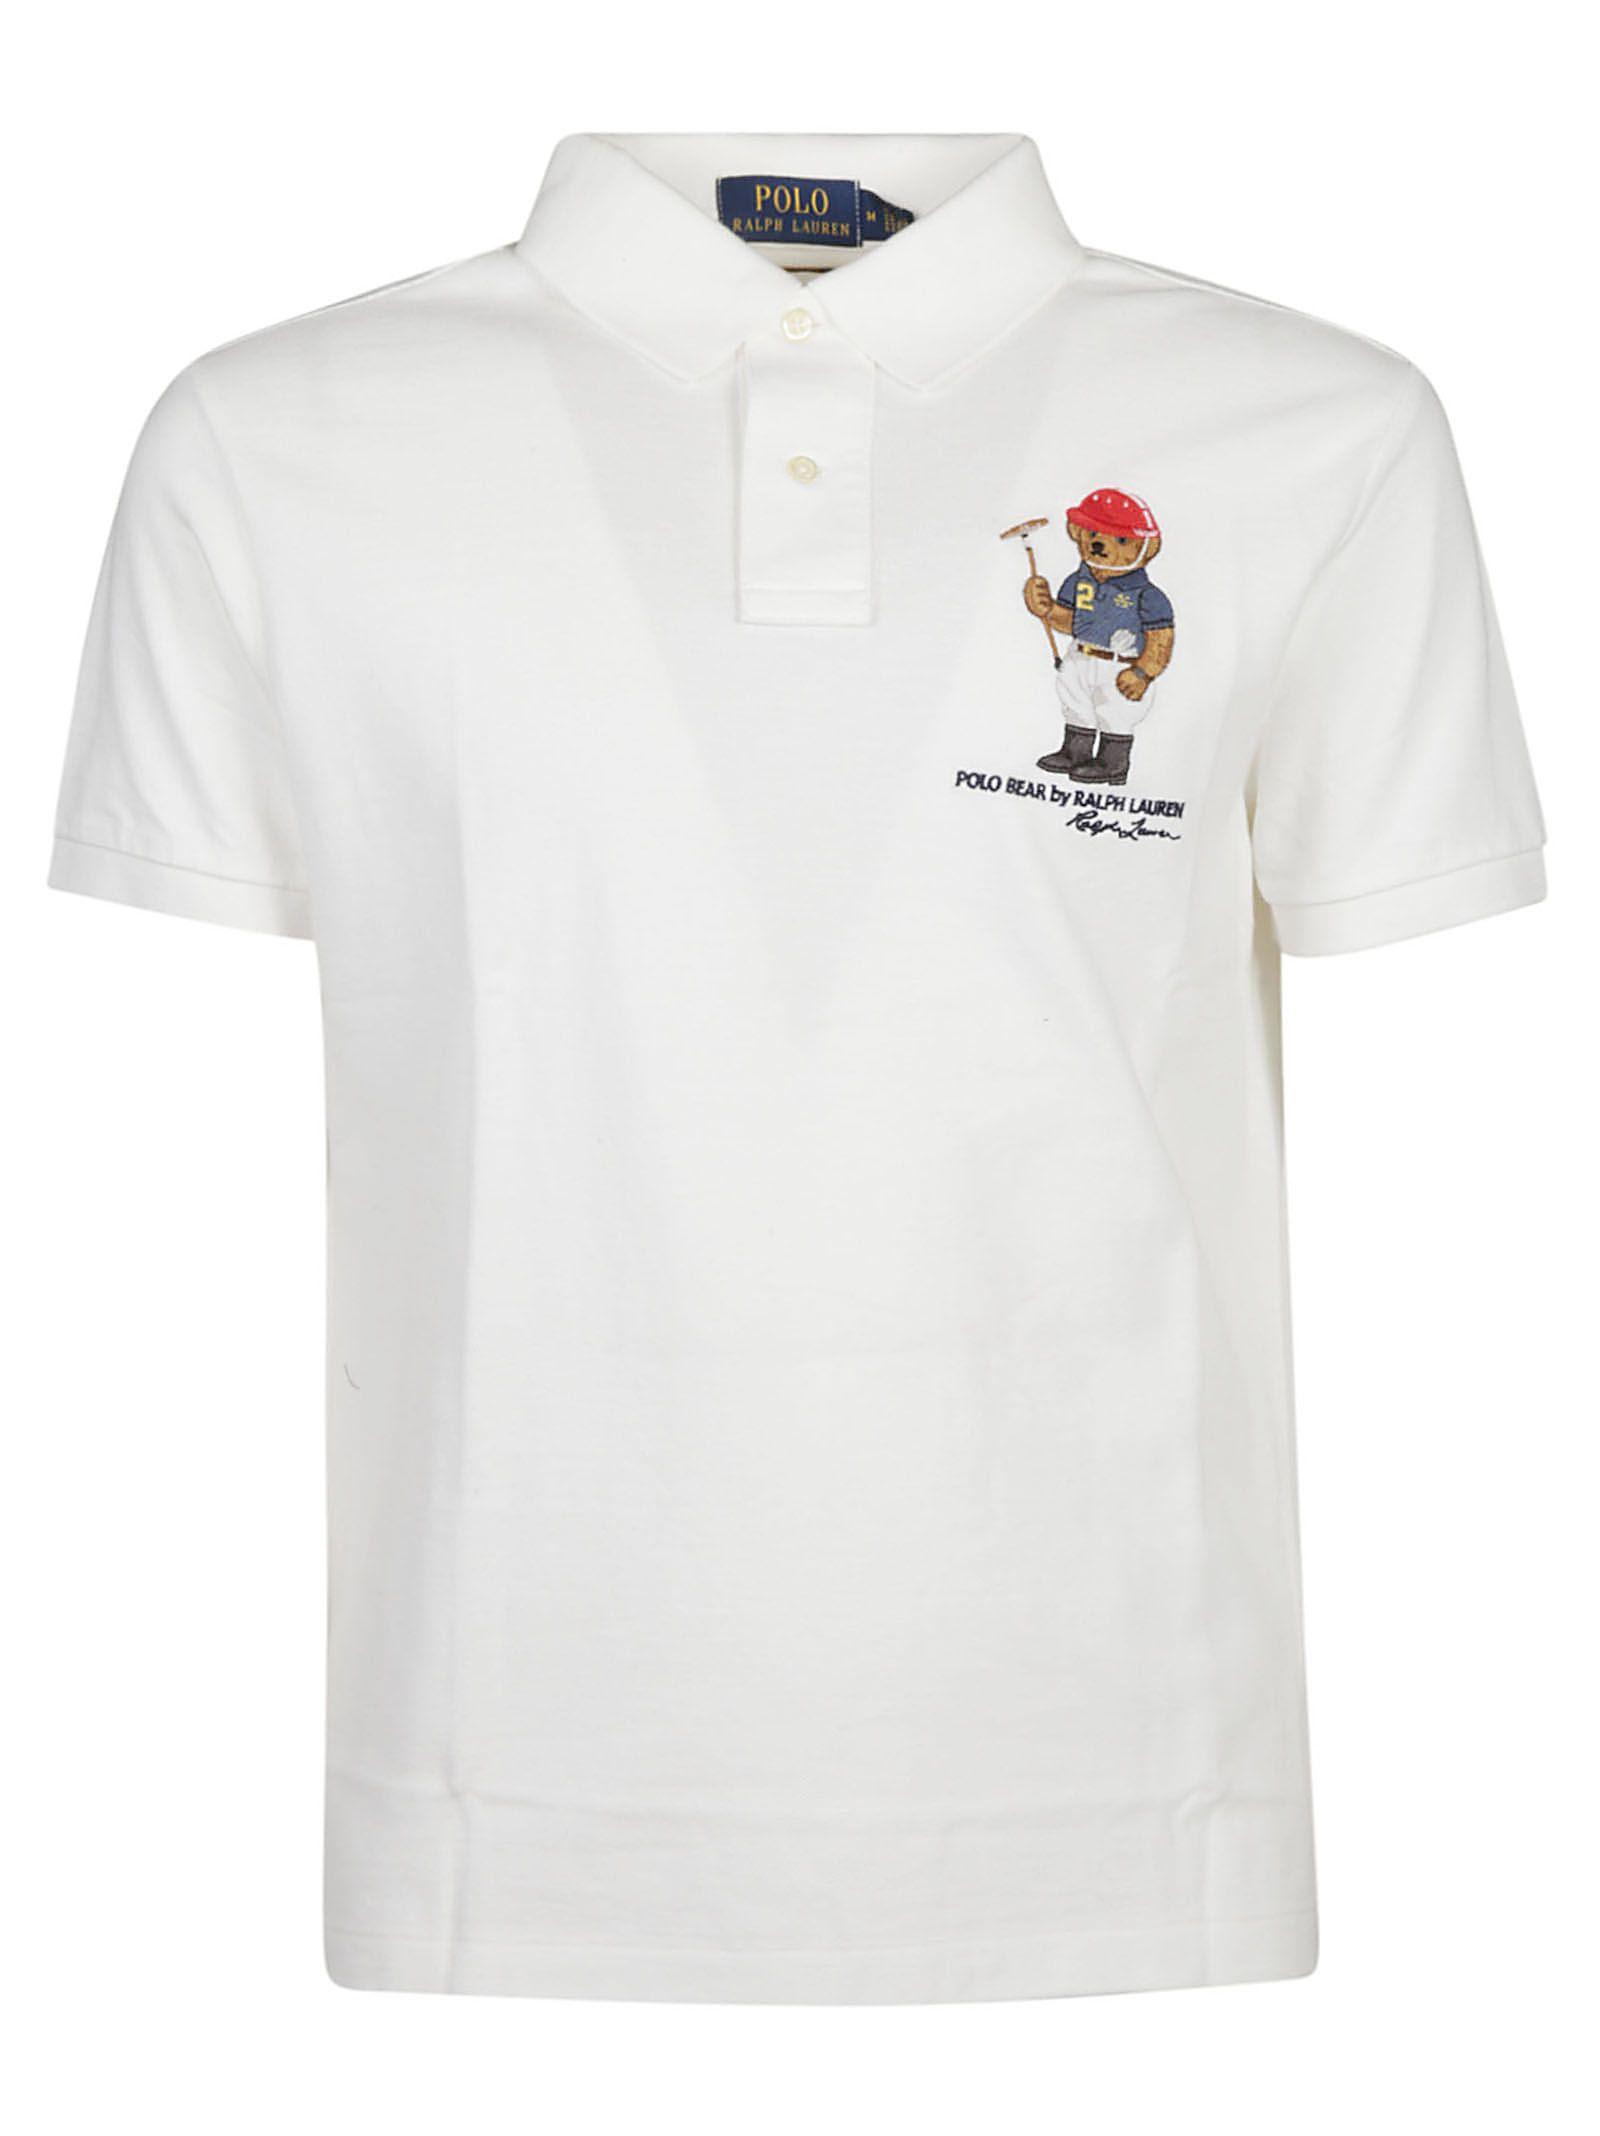 d0c8c219d Ralph Lauren Ralph Lauren Bear Print Polo Shirt - White - 10811727 ...